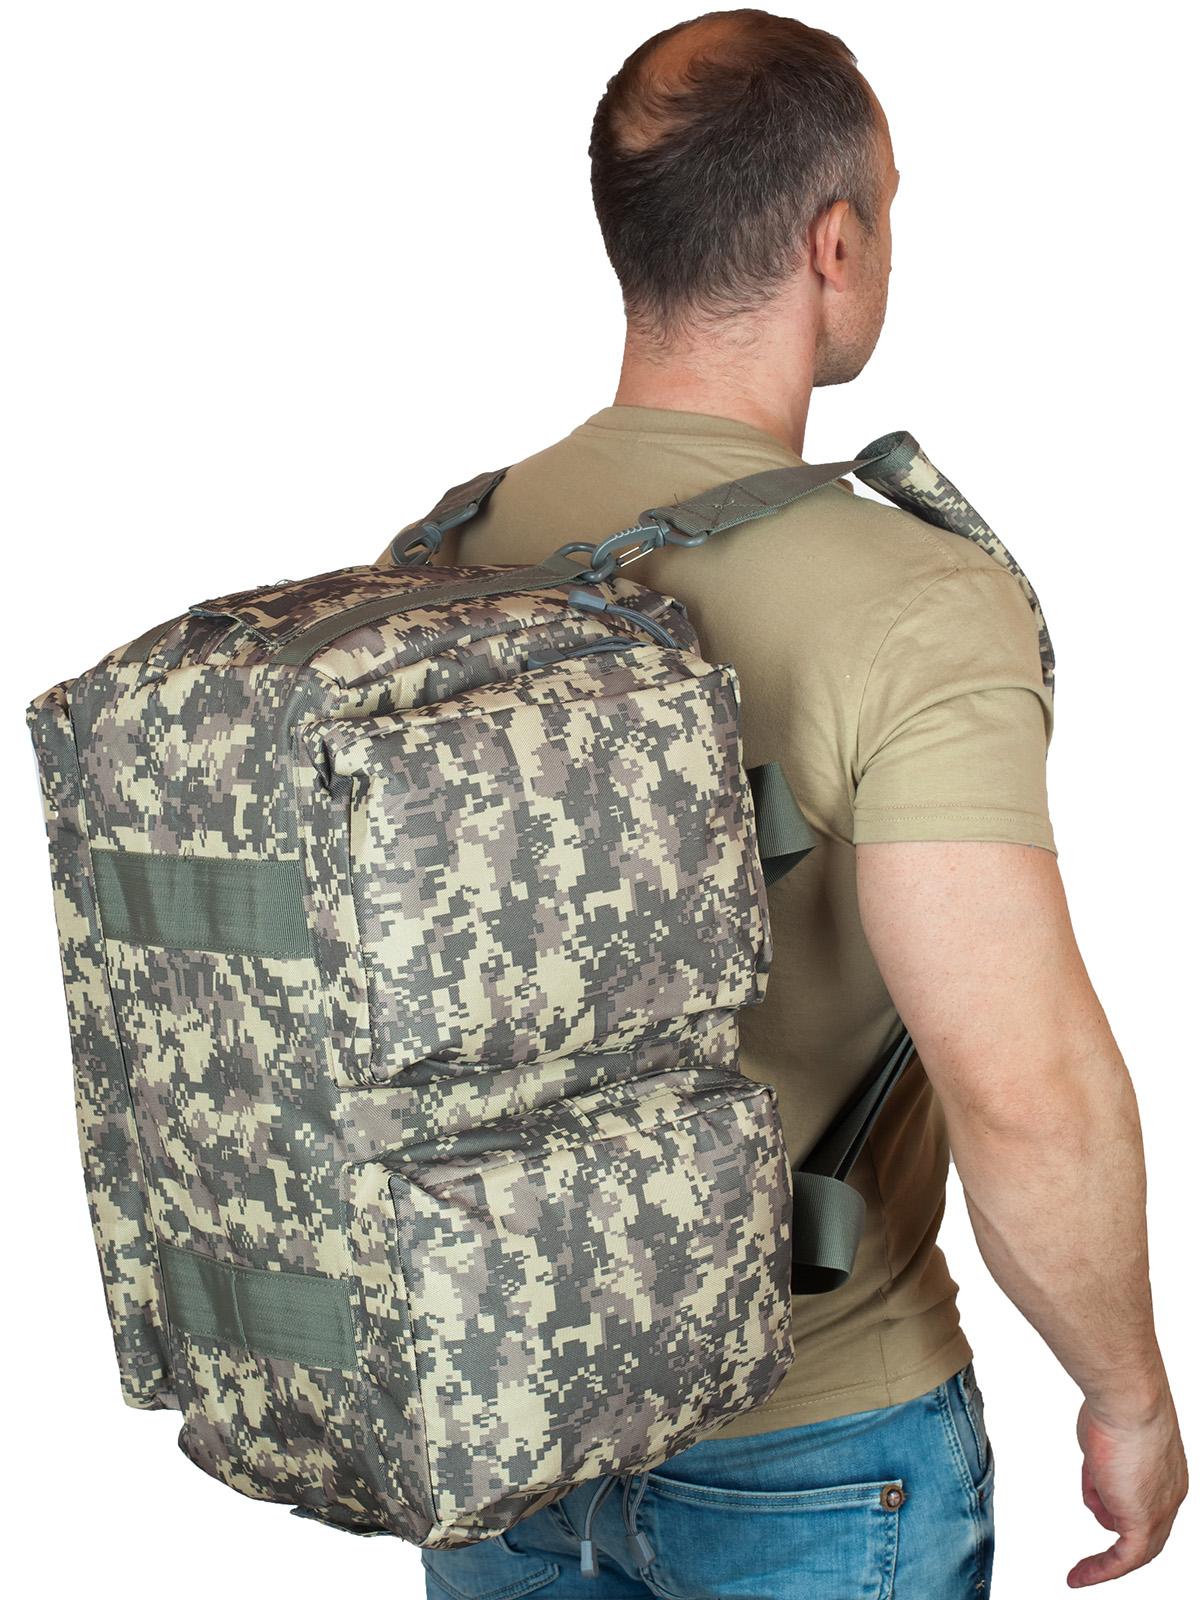 Заплечная транспортная сумка в пиксельном камуфляже